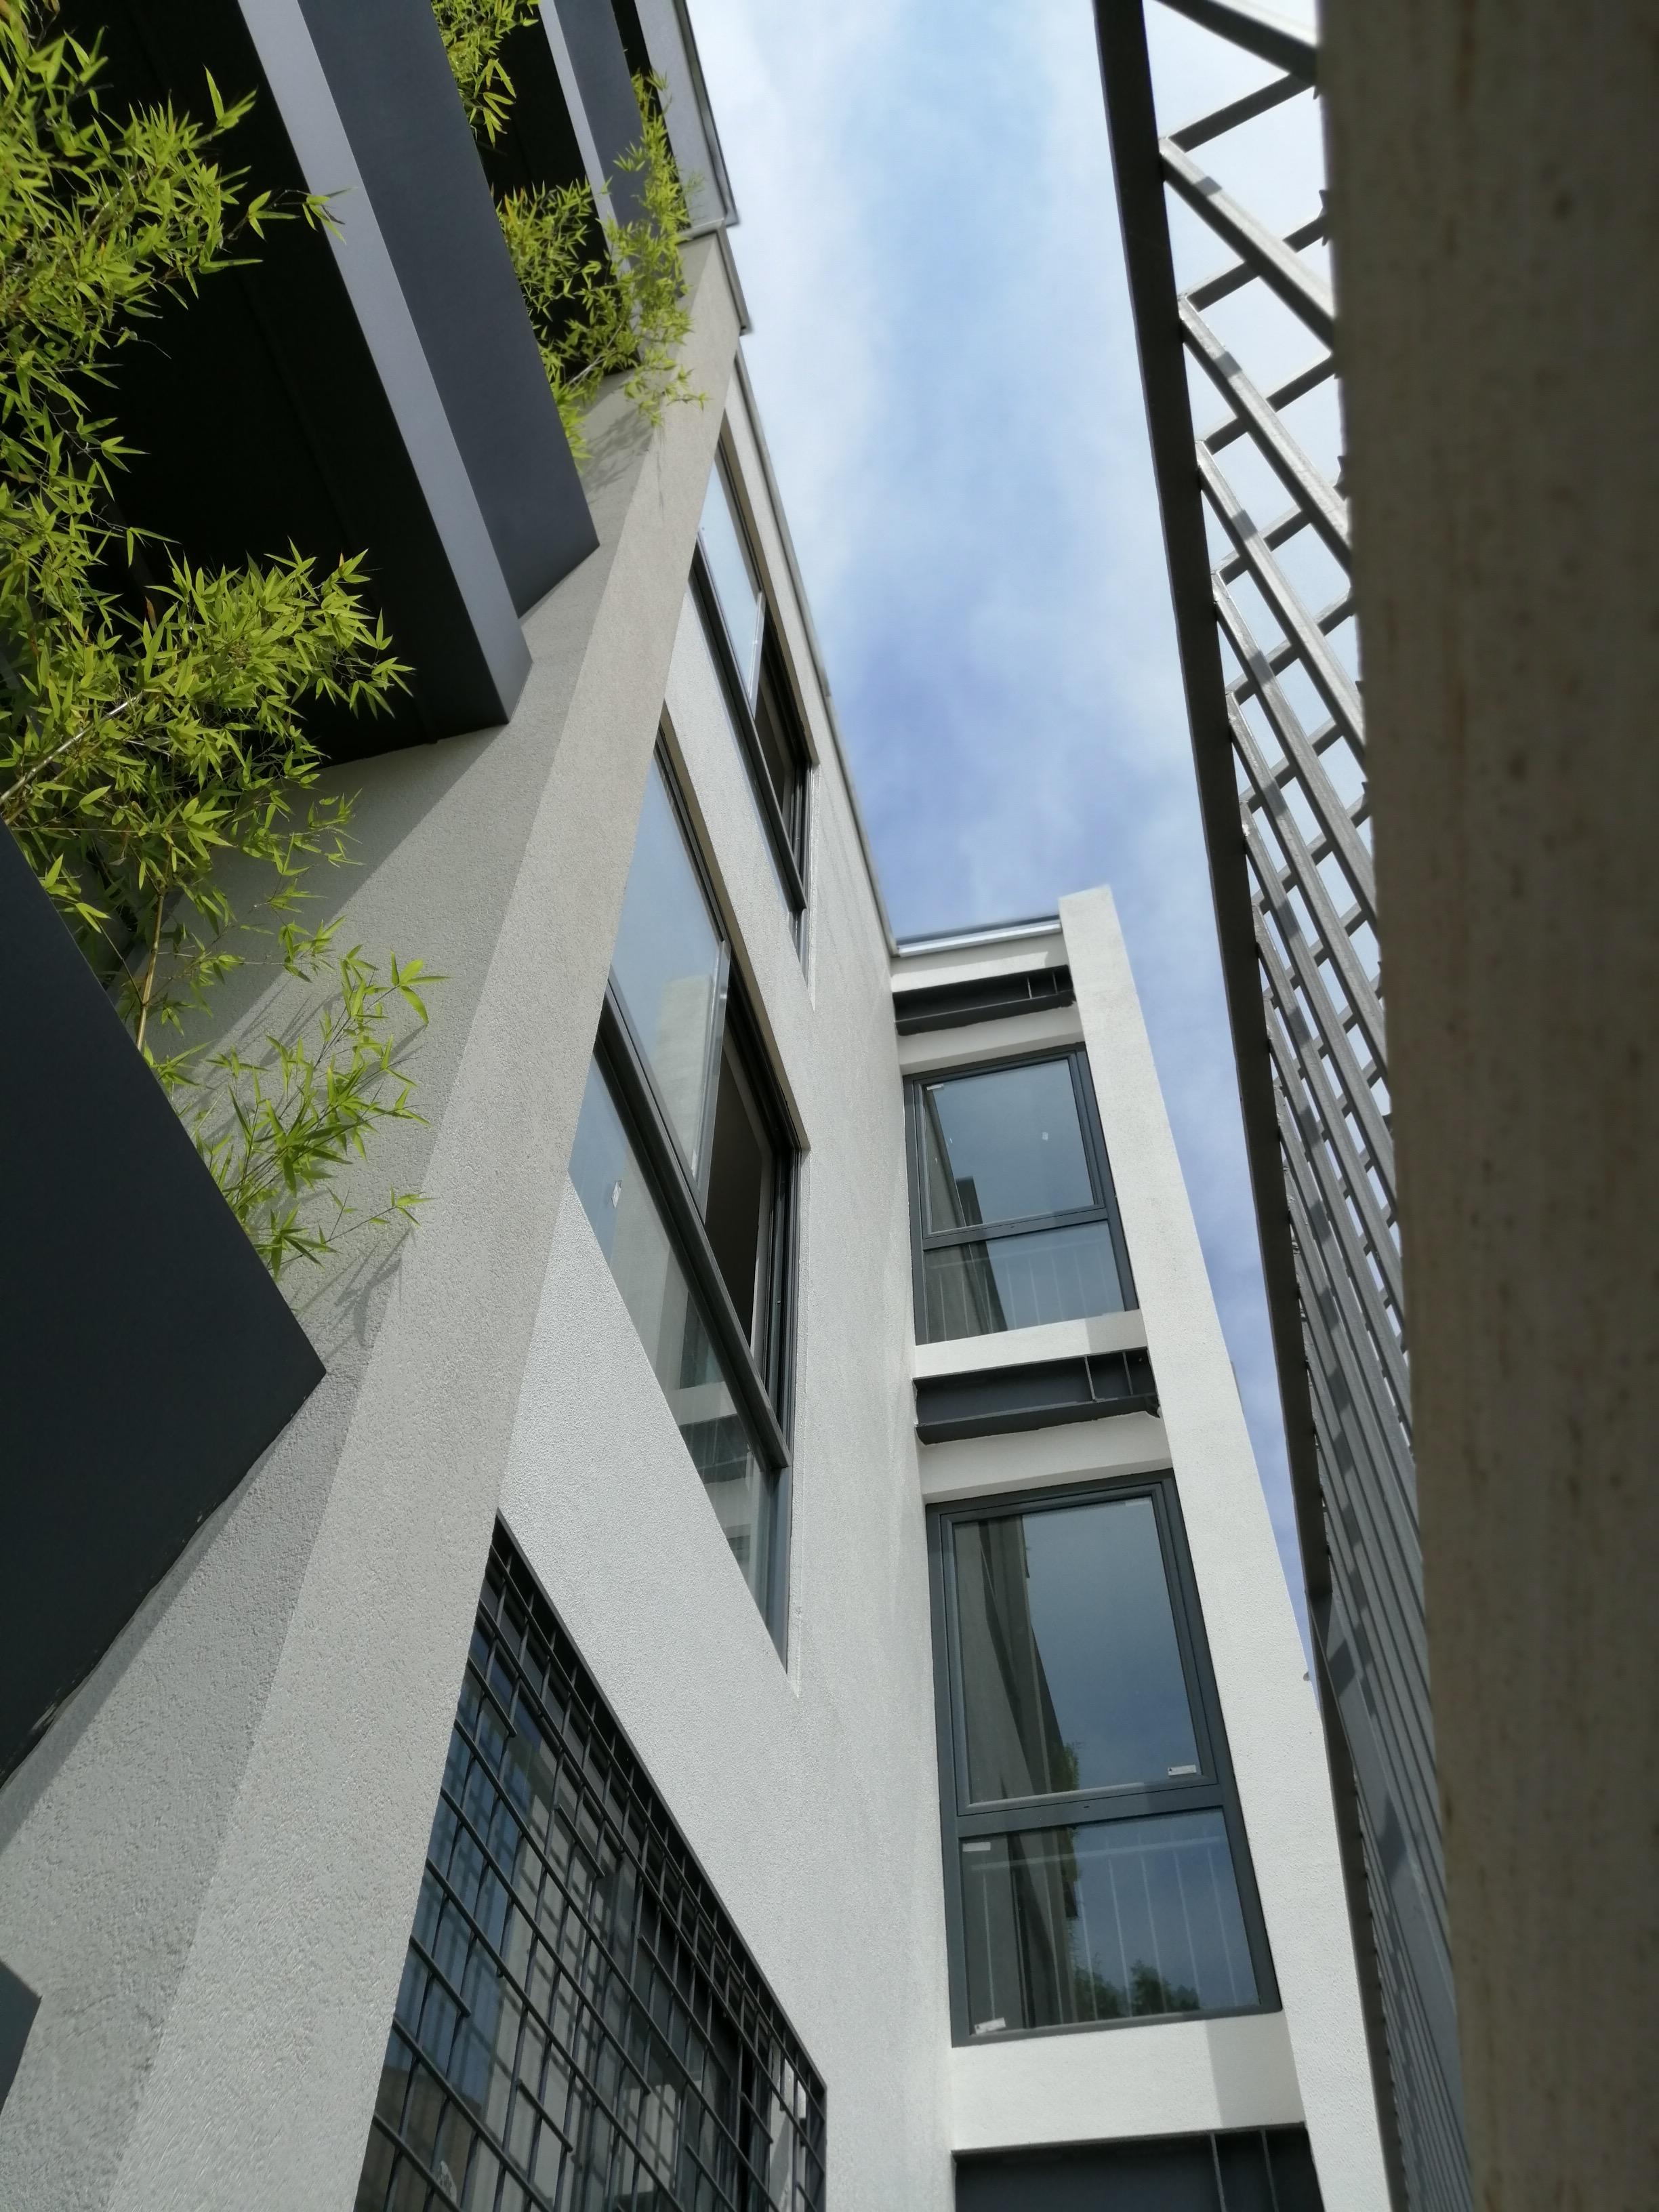 پروژه ساختمان بتونی پنجره یو پی وی سی uPVC ایستاوین